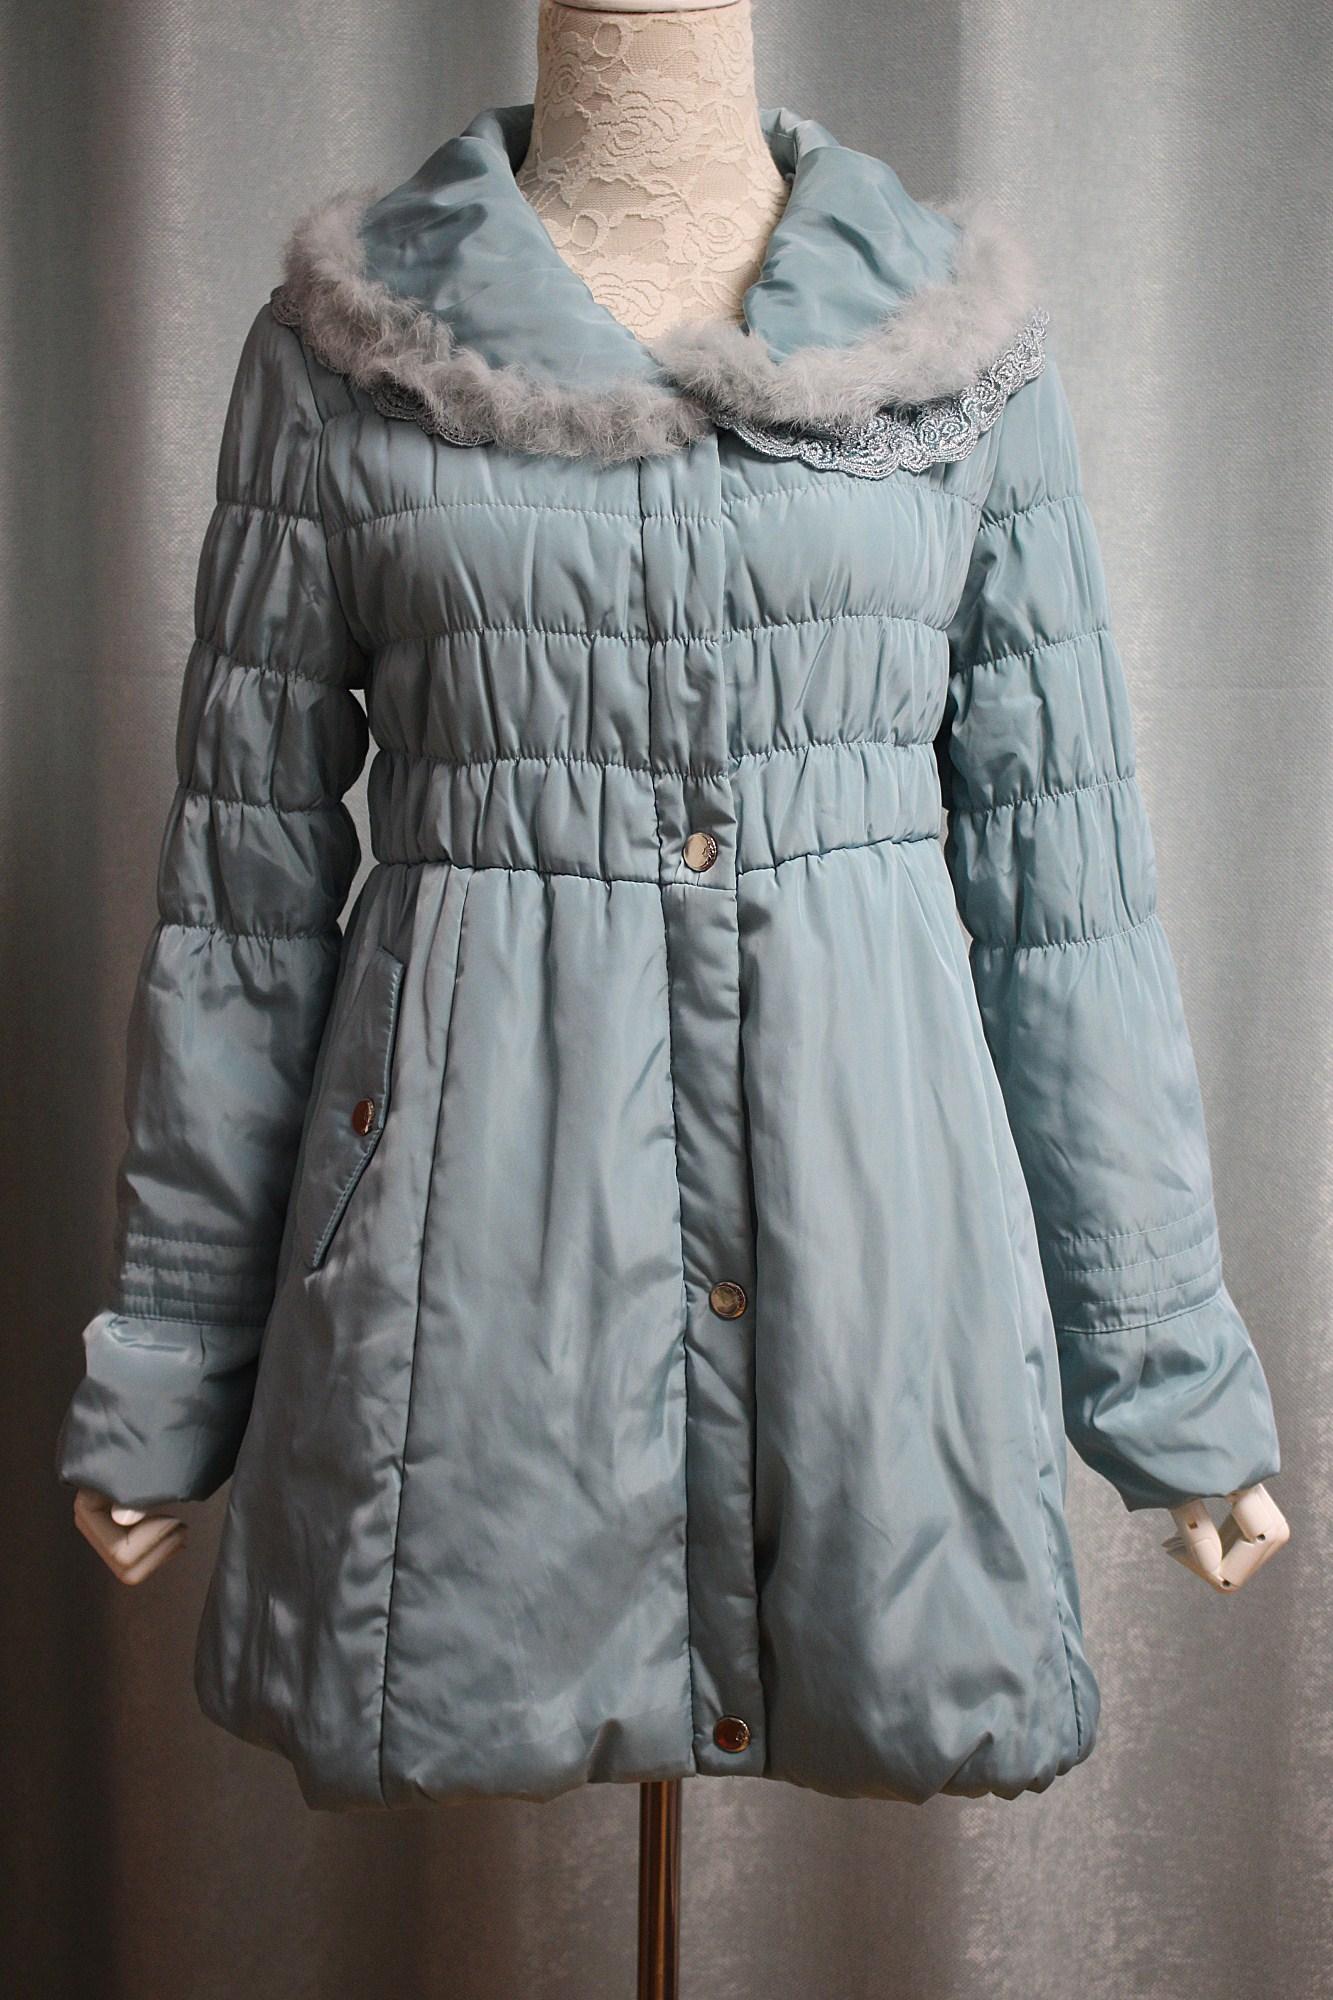 特!国内外套单轻薄款蕾丝棉衣拼接女装品牌长袖兔毛棉服春秋款